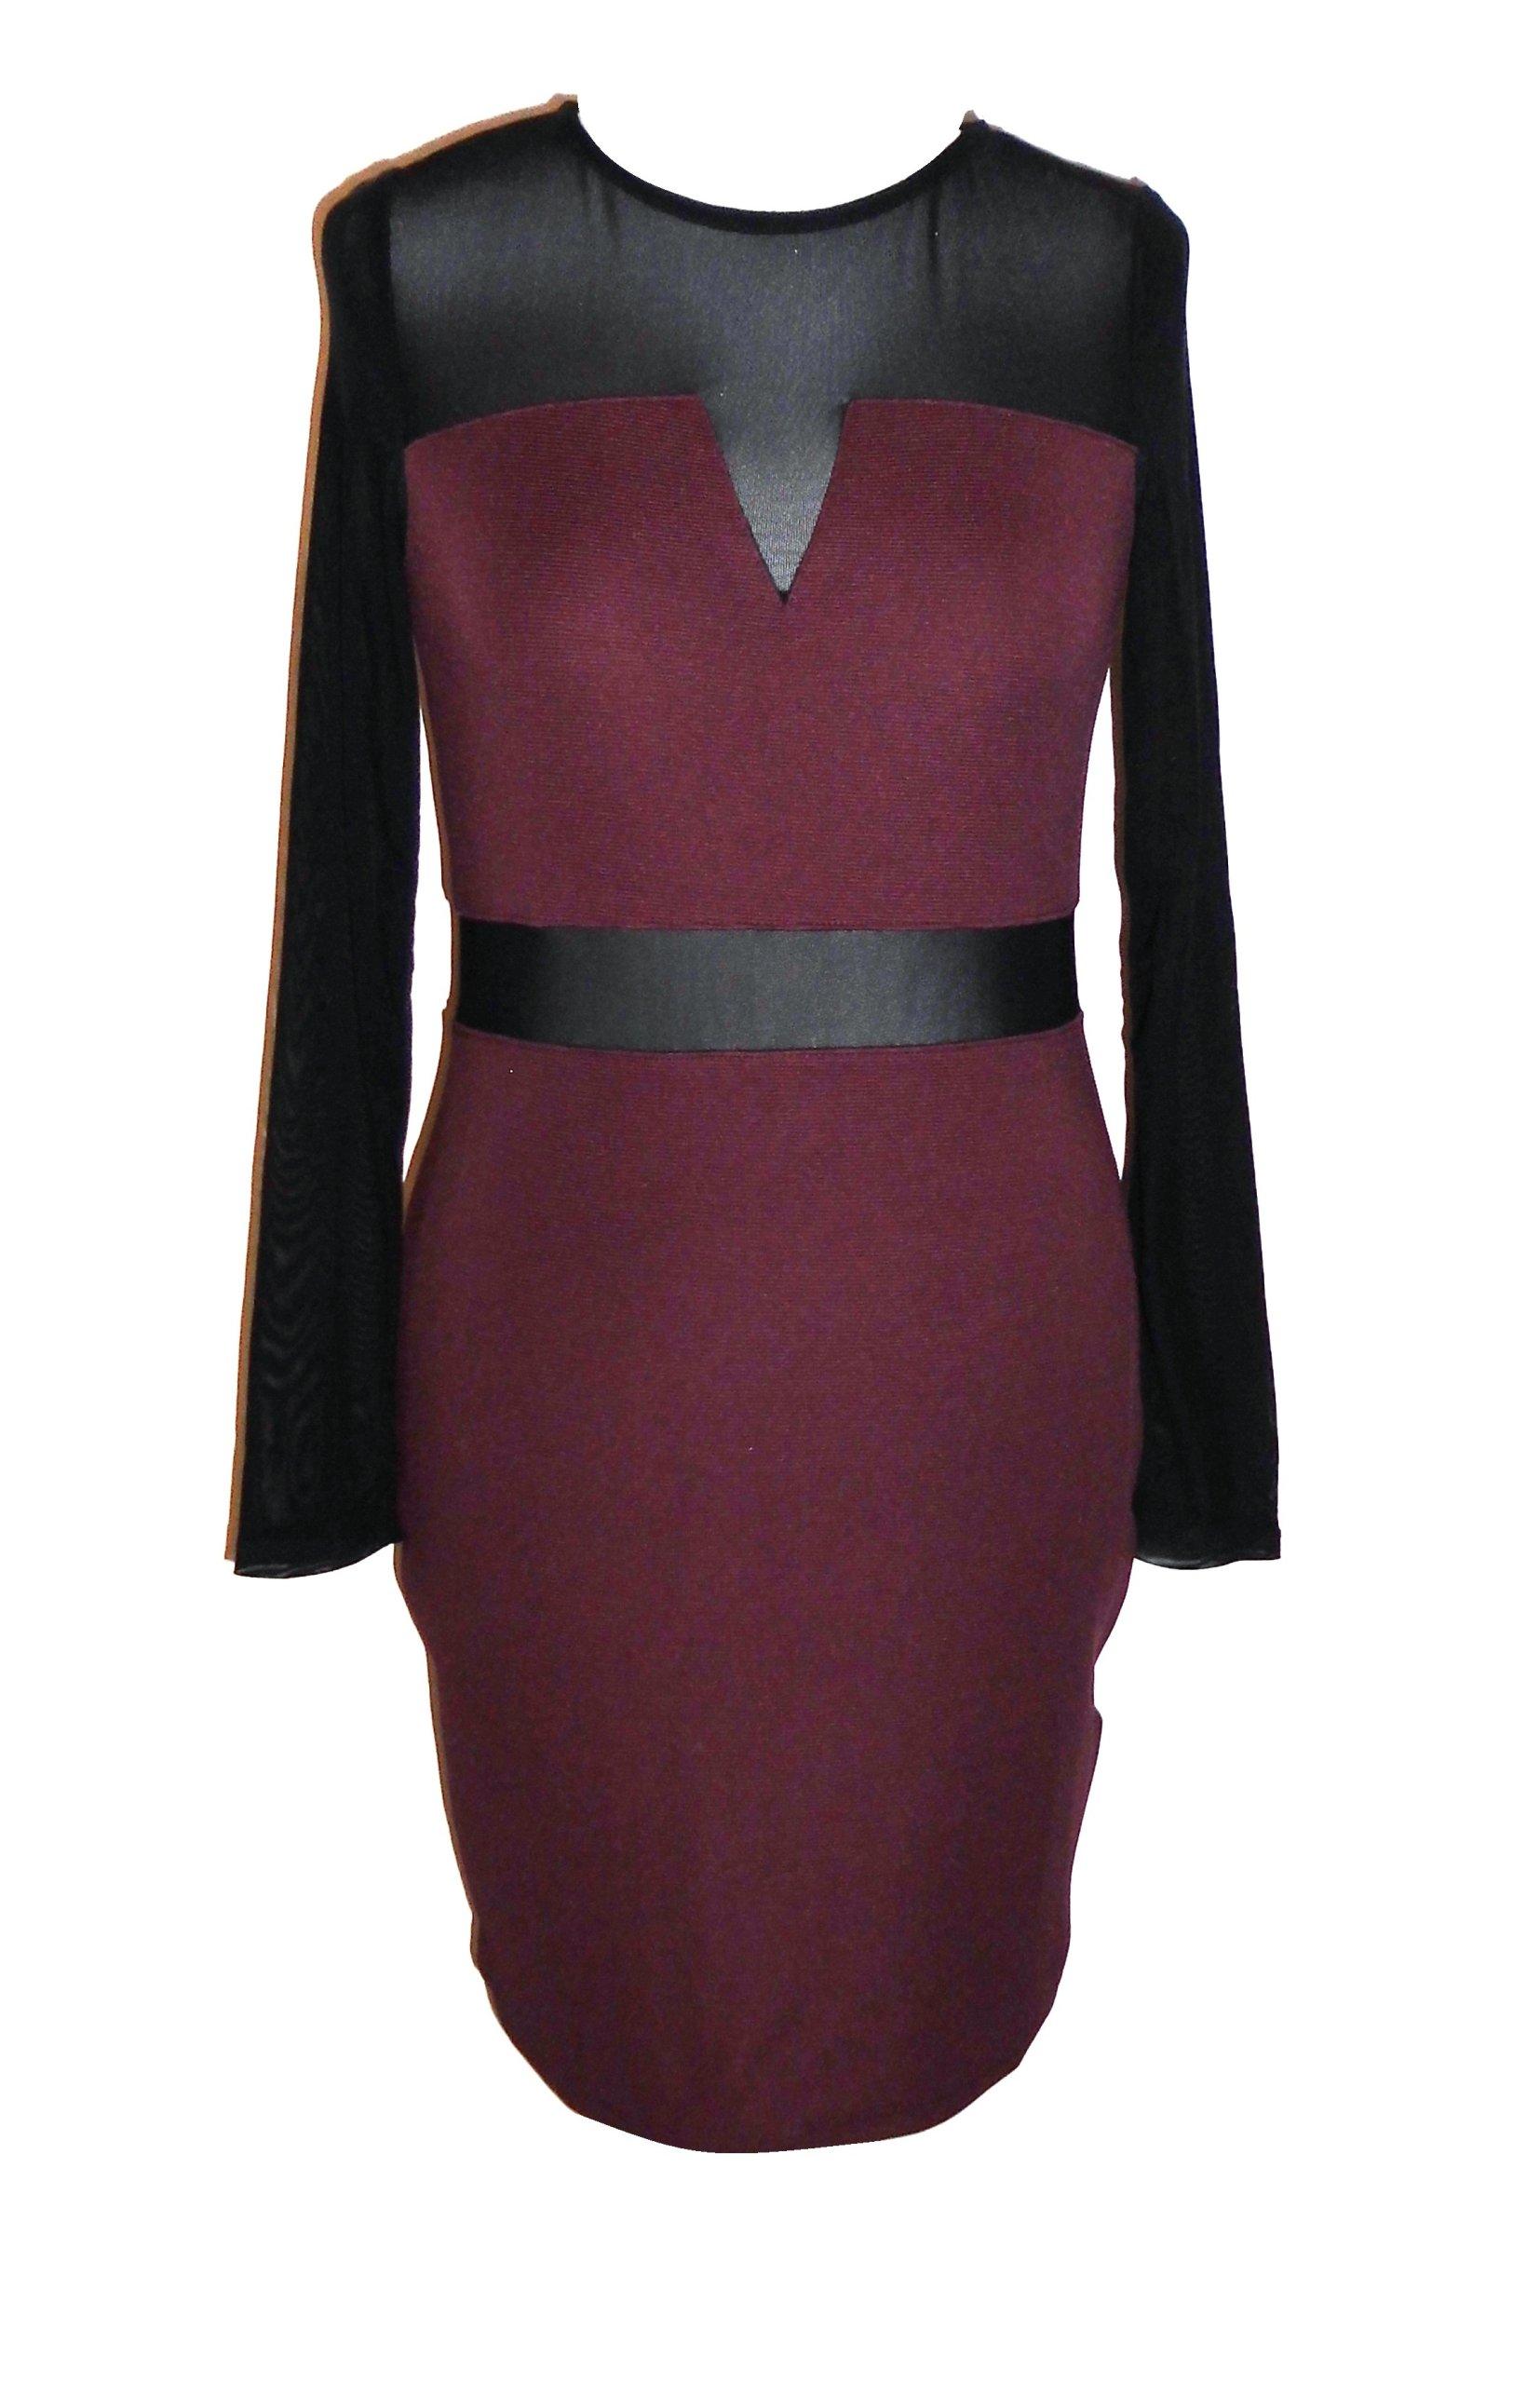 996021ad0c H M wieczorowa sukienka z siateczką 36 38 - 7228259096 - oficjalne ...